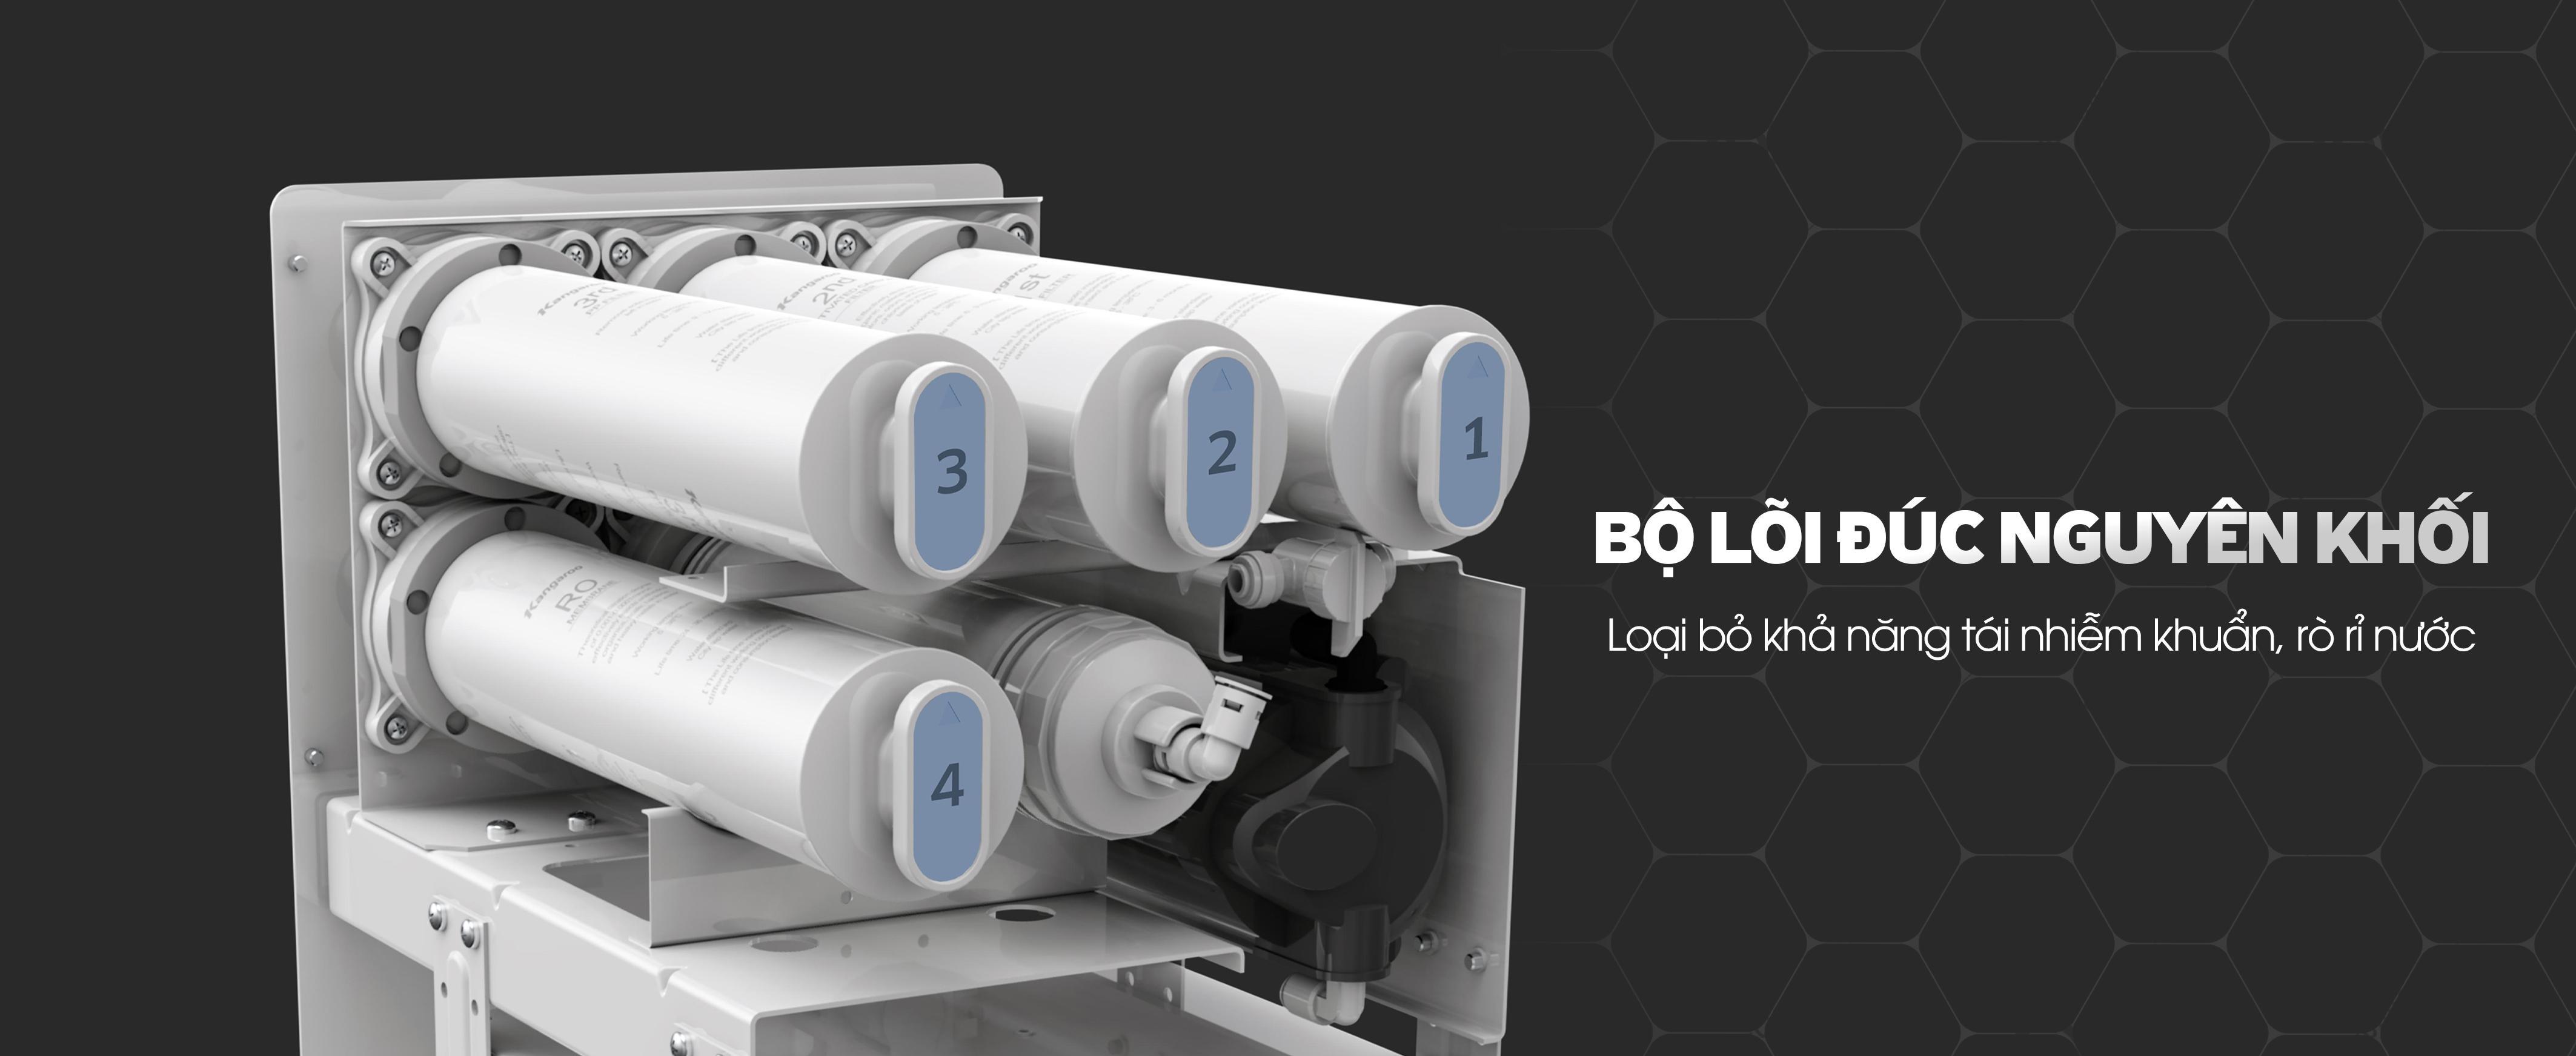 Lõi lọc của máy lọc nước RO - Kangaroo KG100HU đúc nguyên khối nhập khẩu